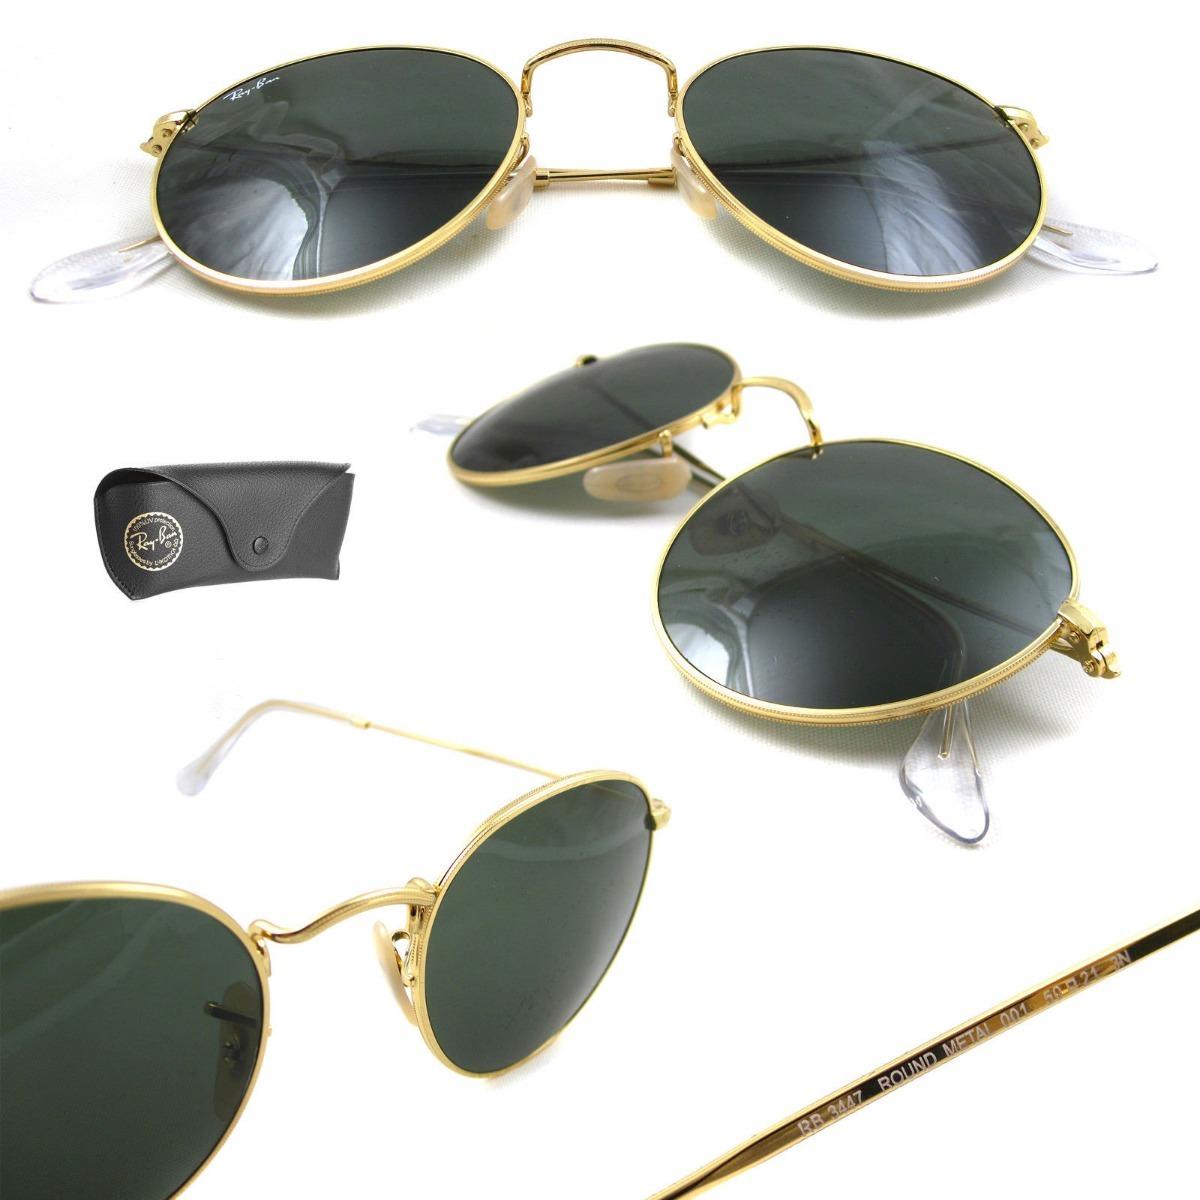 8a7b6434b39f1 Óculos De Sol Ray Ban Rb3447 Round Redondo Dourado G-15 - R  319,00 ...